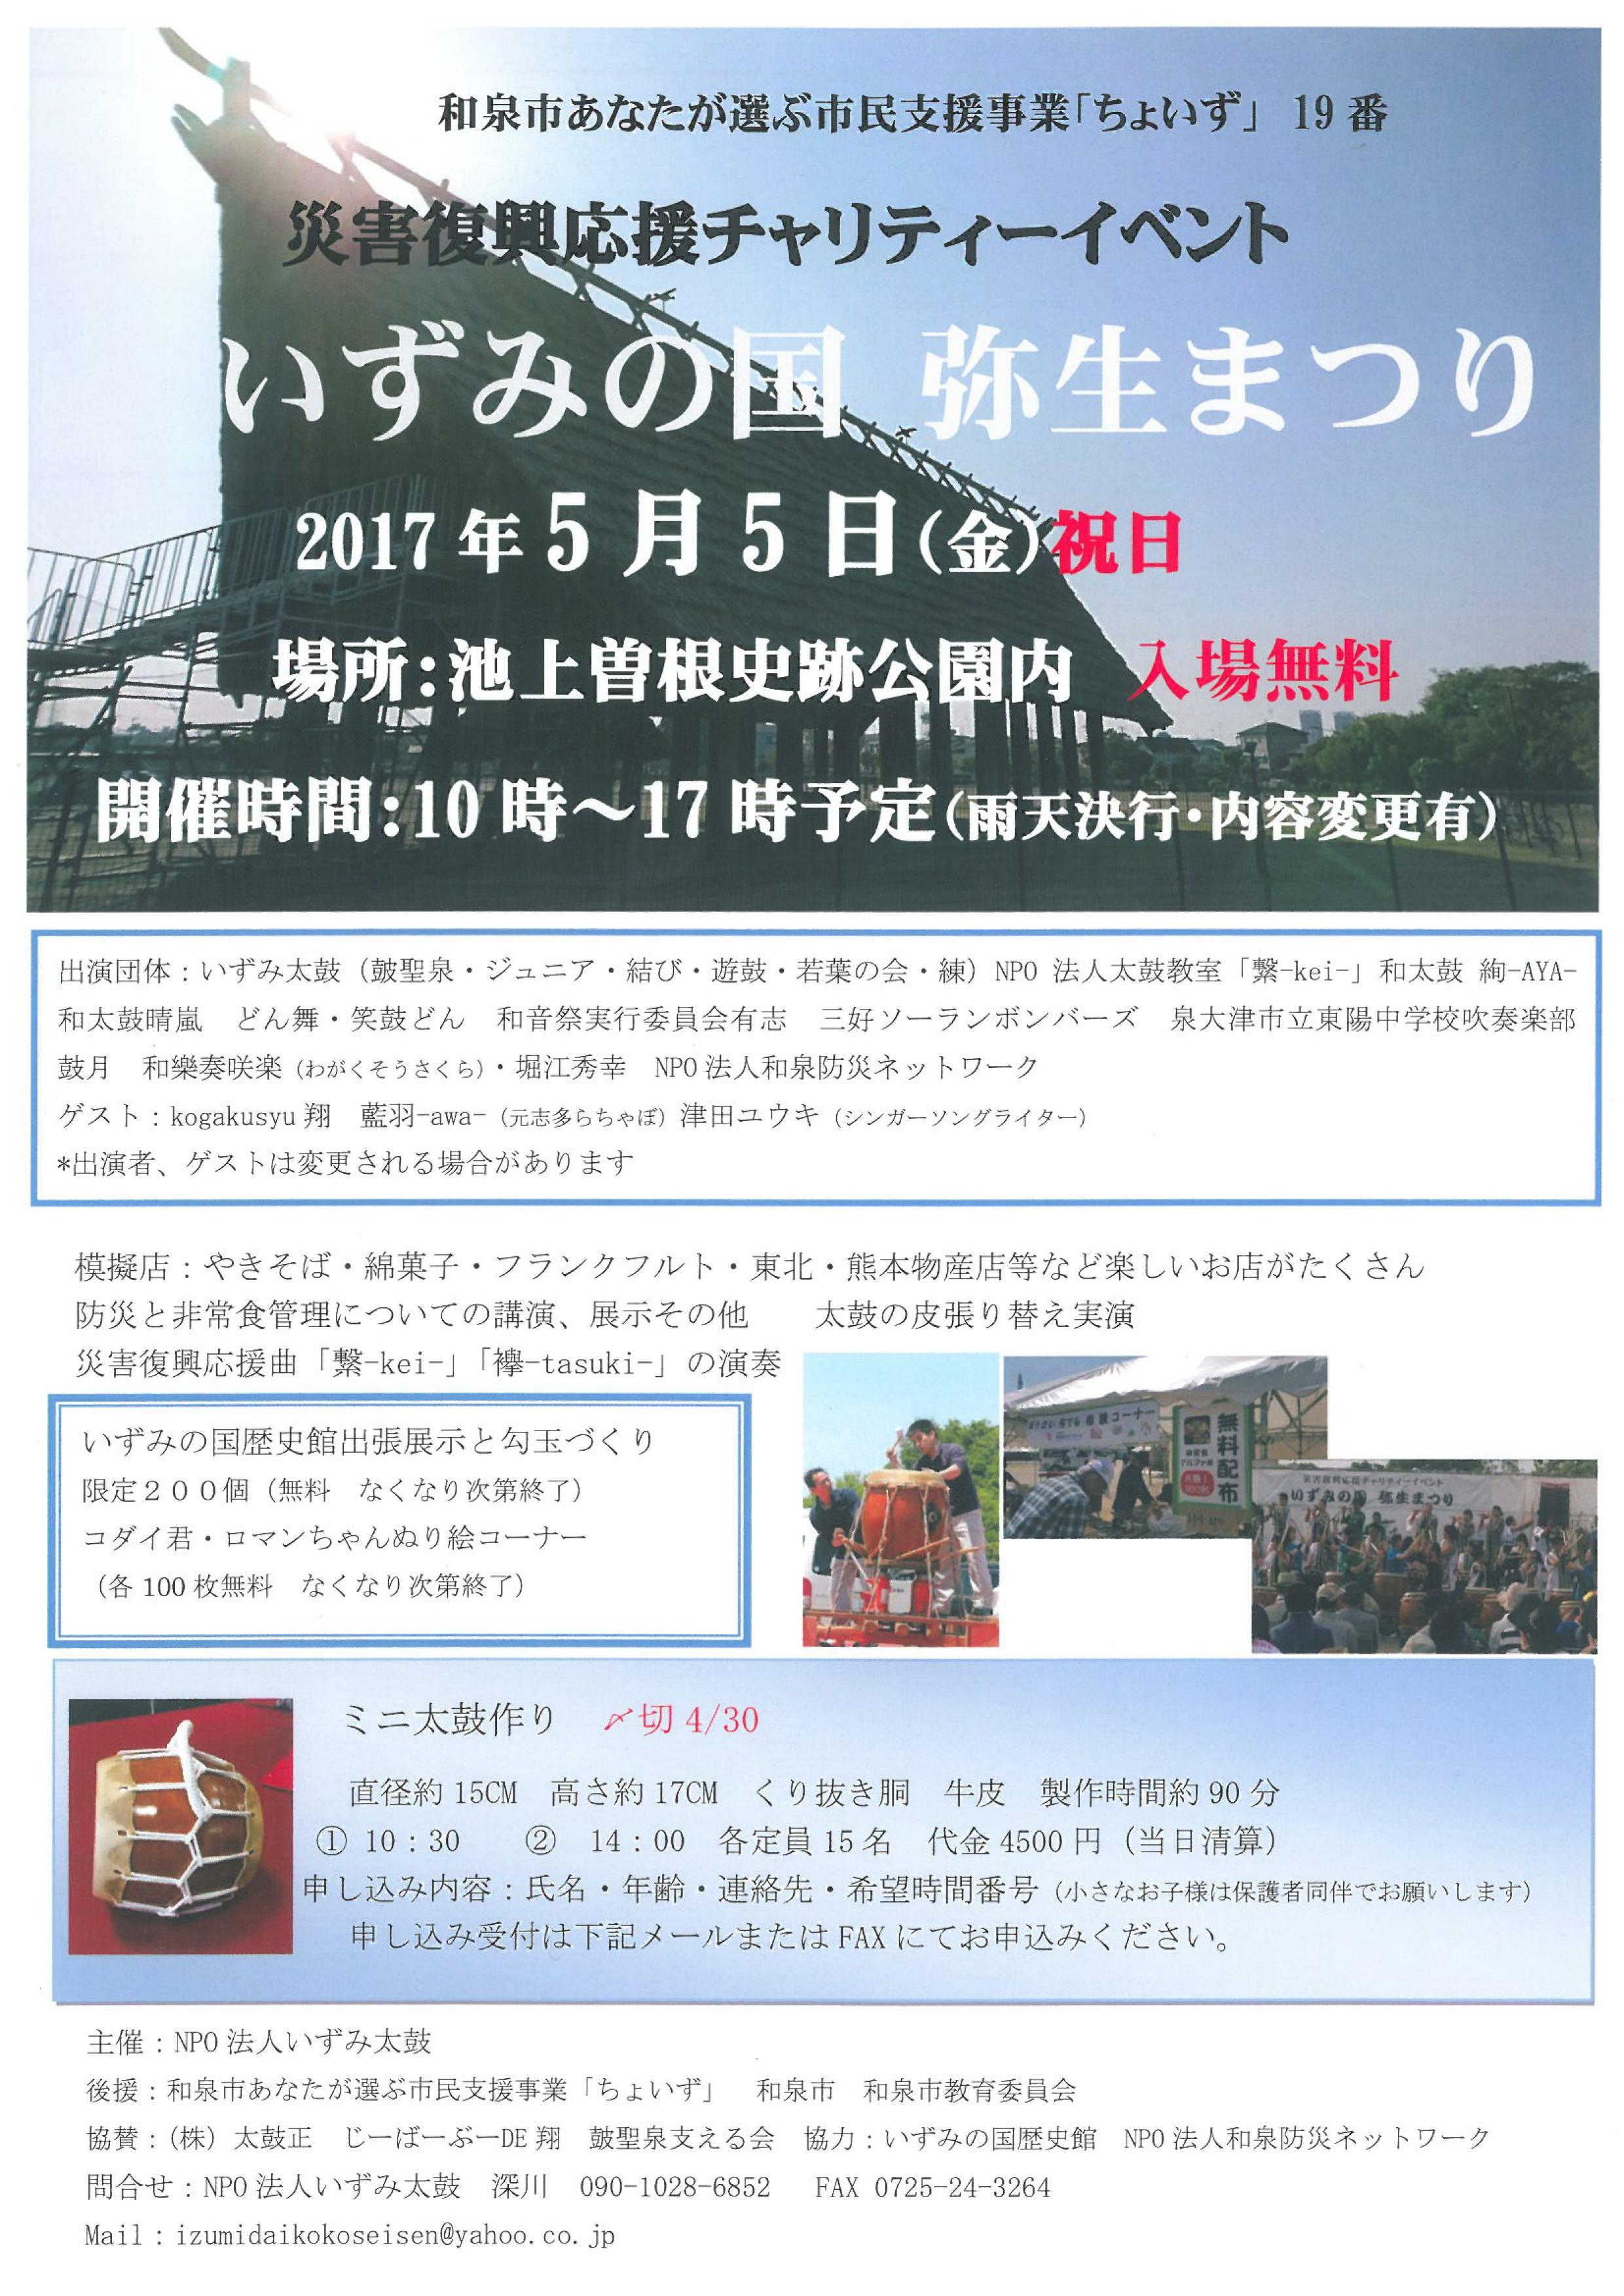 災害復興応援チャリティーイベント【いずみの国  弥生まつり】5月5日に開催!!